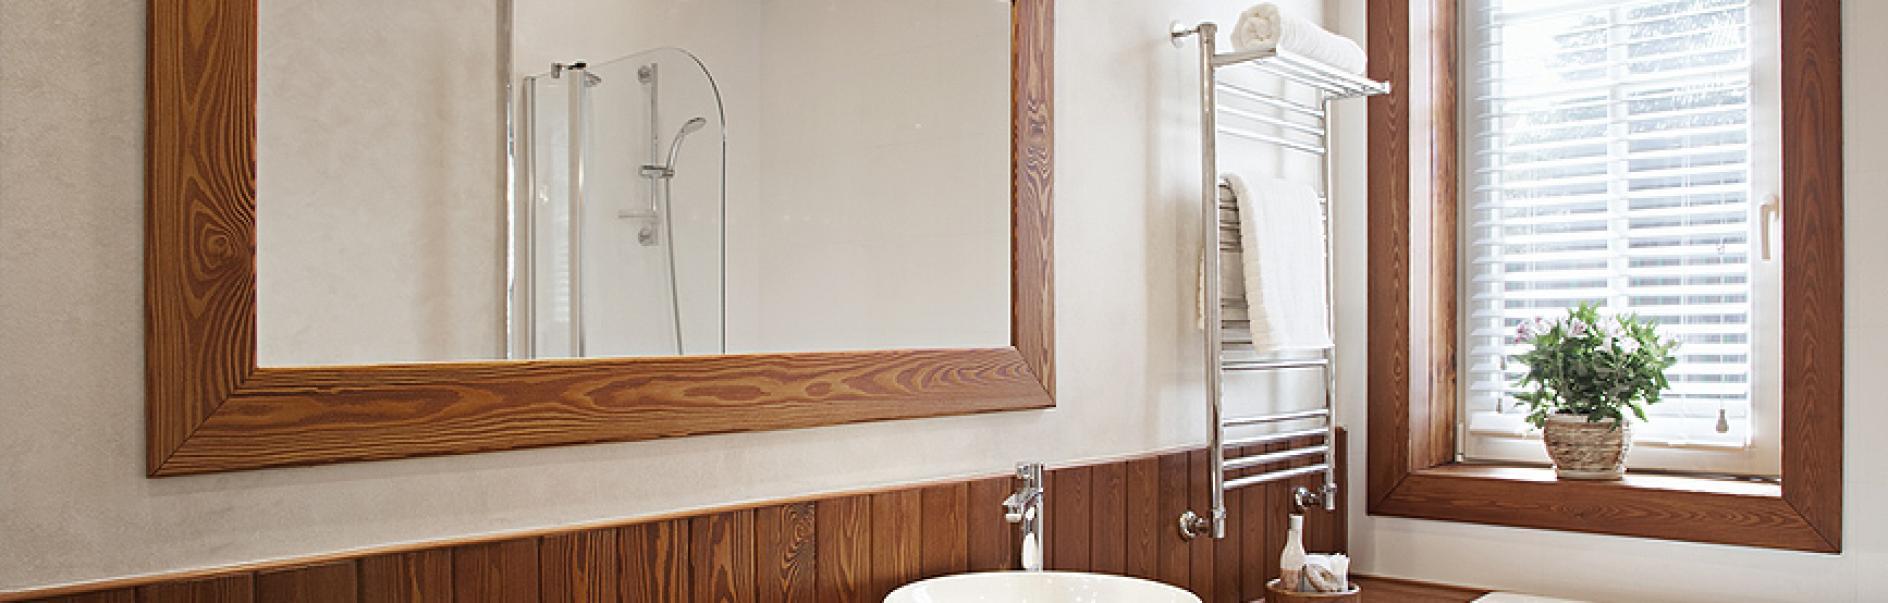 Spiegel mit einer bohrmaschine aufh ngen - Schweren spiegel aufhangen ...